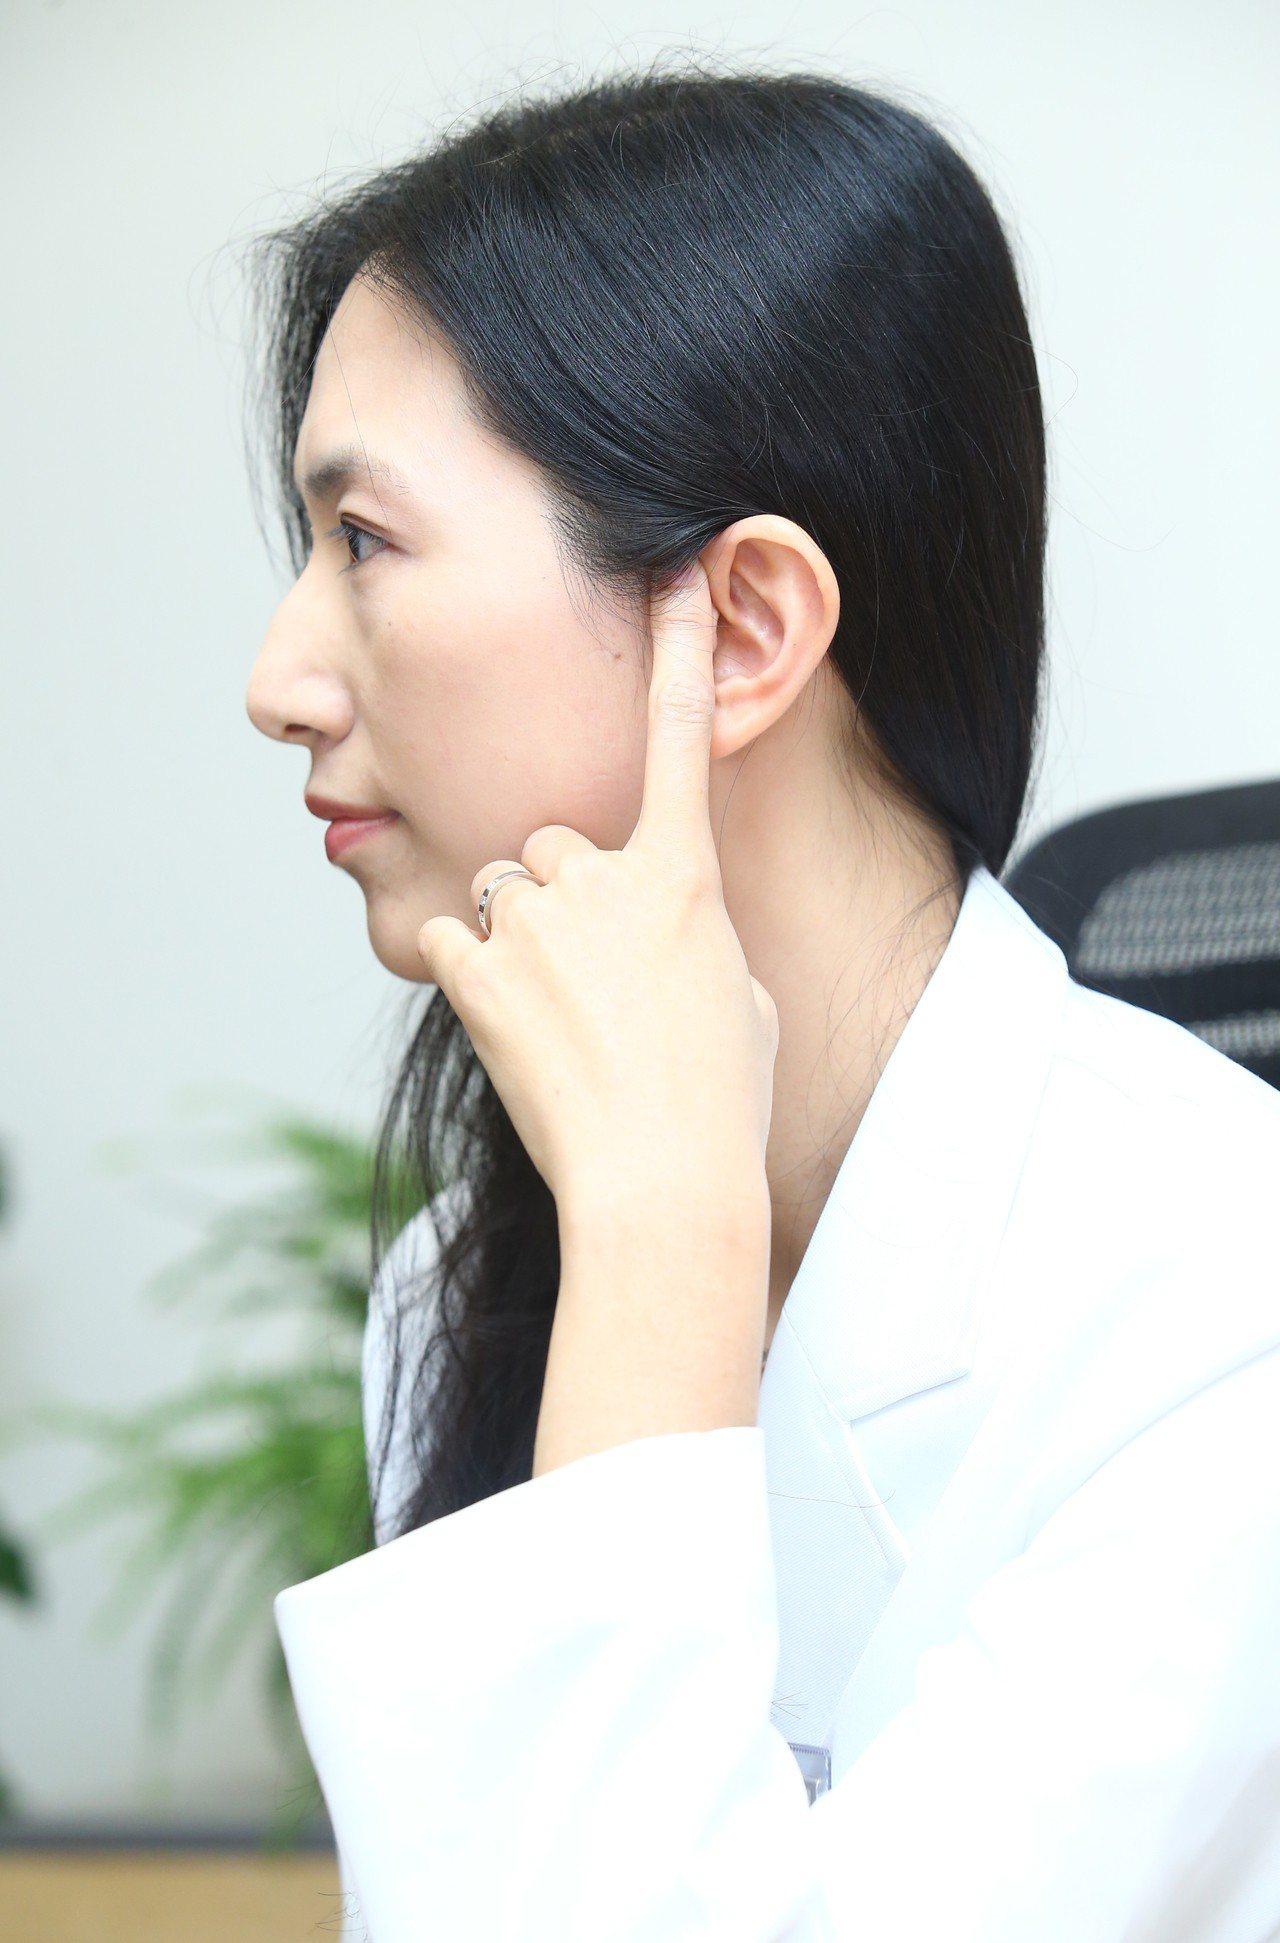 中醫師羅珮琳臉部按摩可瘦臉的耳門穴。記者曾學仁/攝影